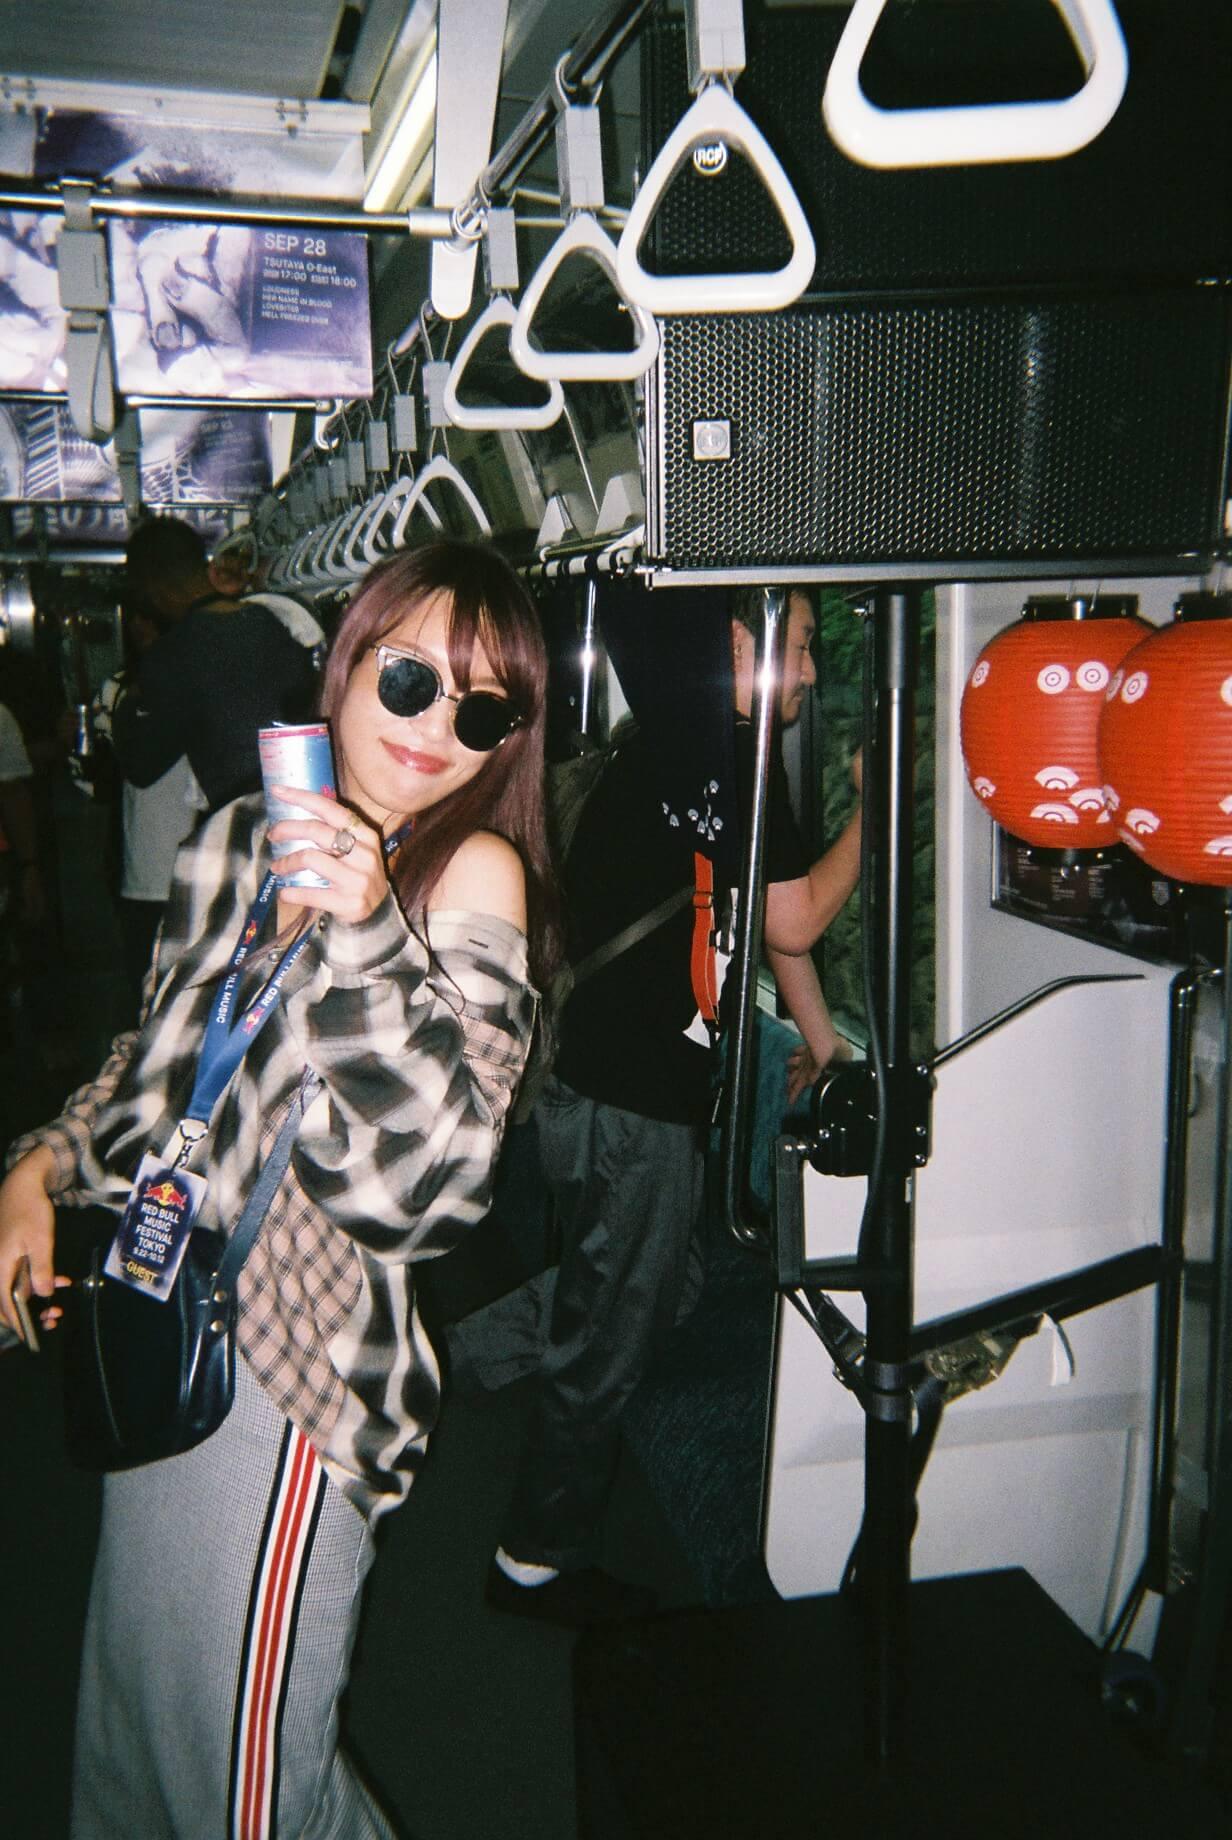 【フォトレポ】RED BULL MUSIC FESTIVAL TOKYO 2018|62 MINUTES YAMANOTE LOOP music180921-redbullmusicfestival-15